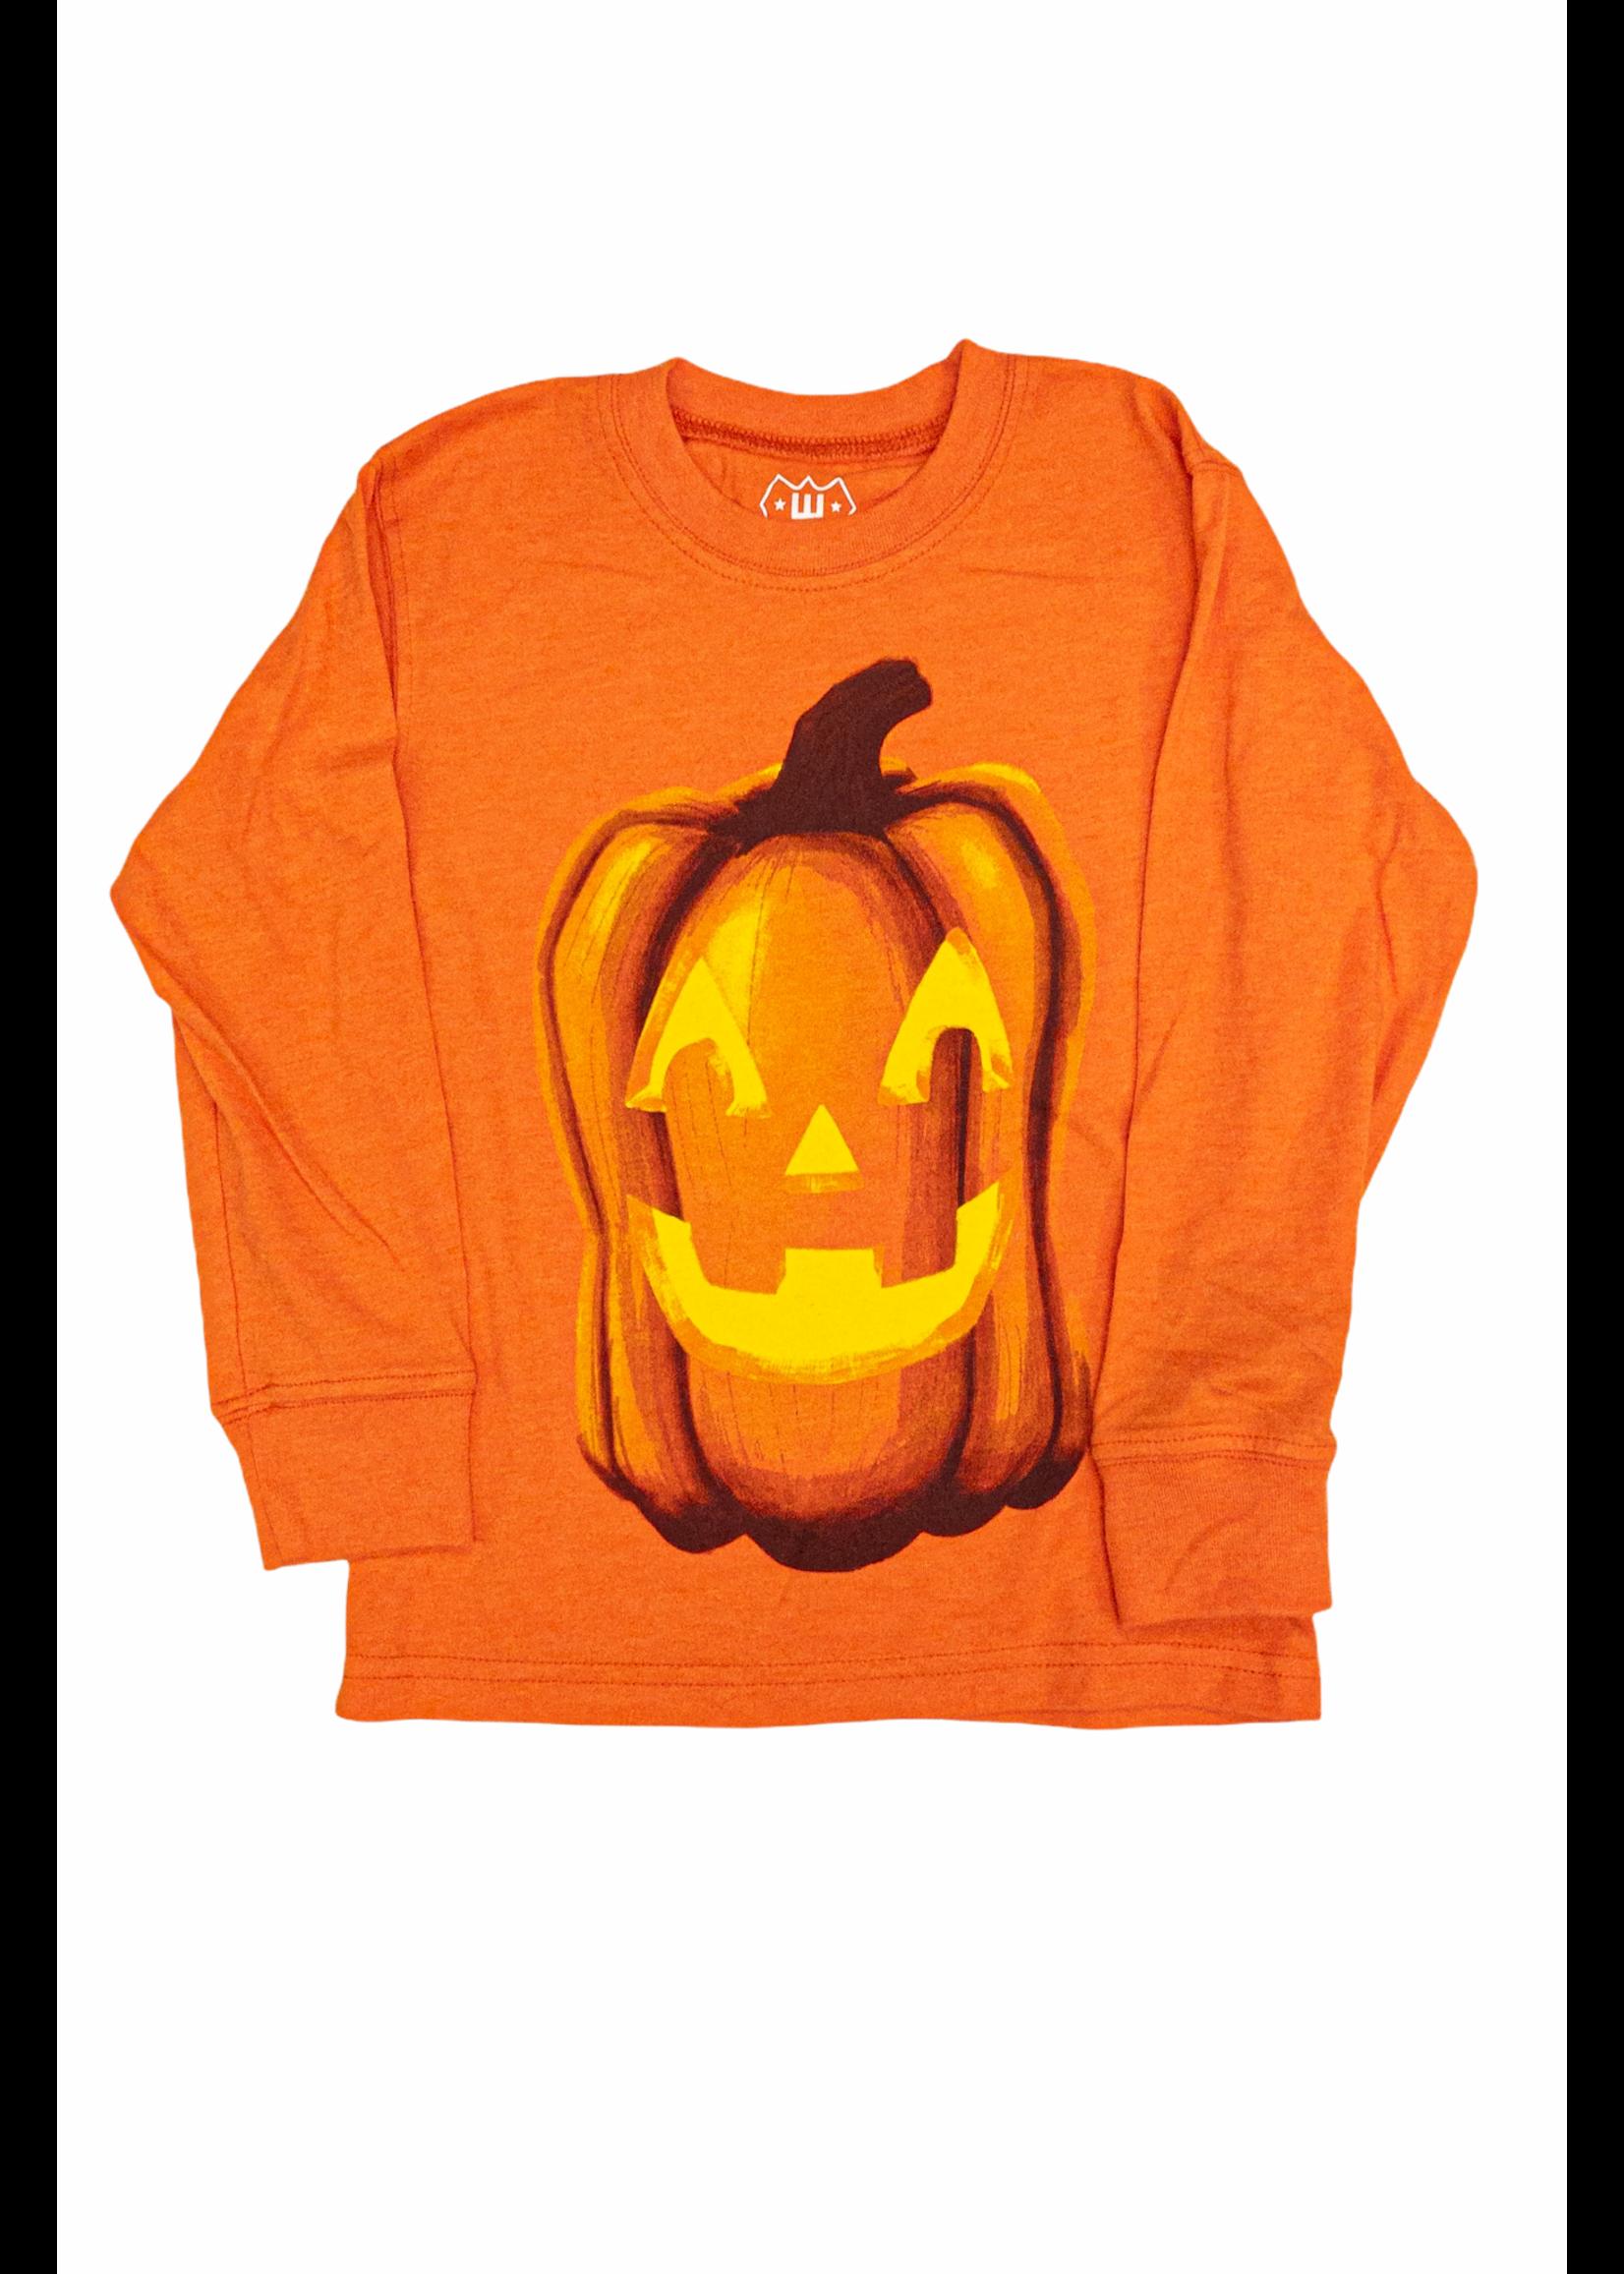 Wes and Willy Jack O' Lantern Orange shirt